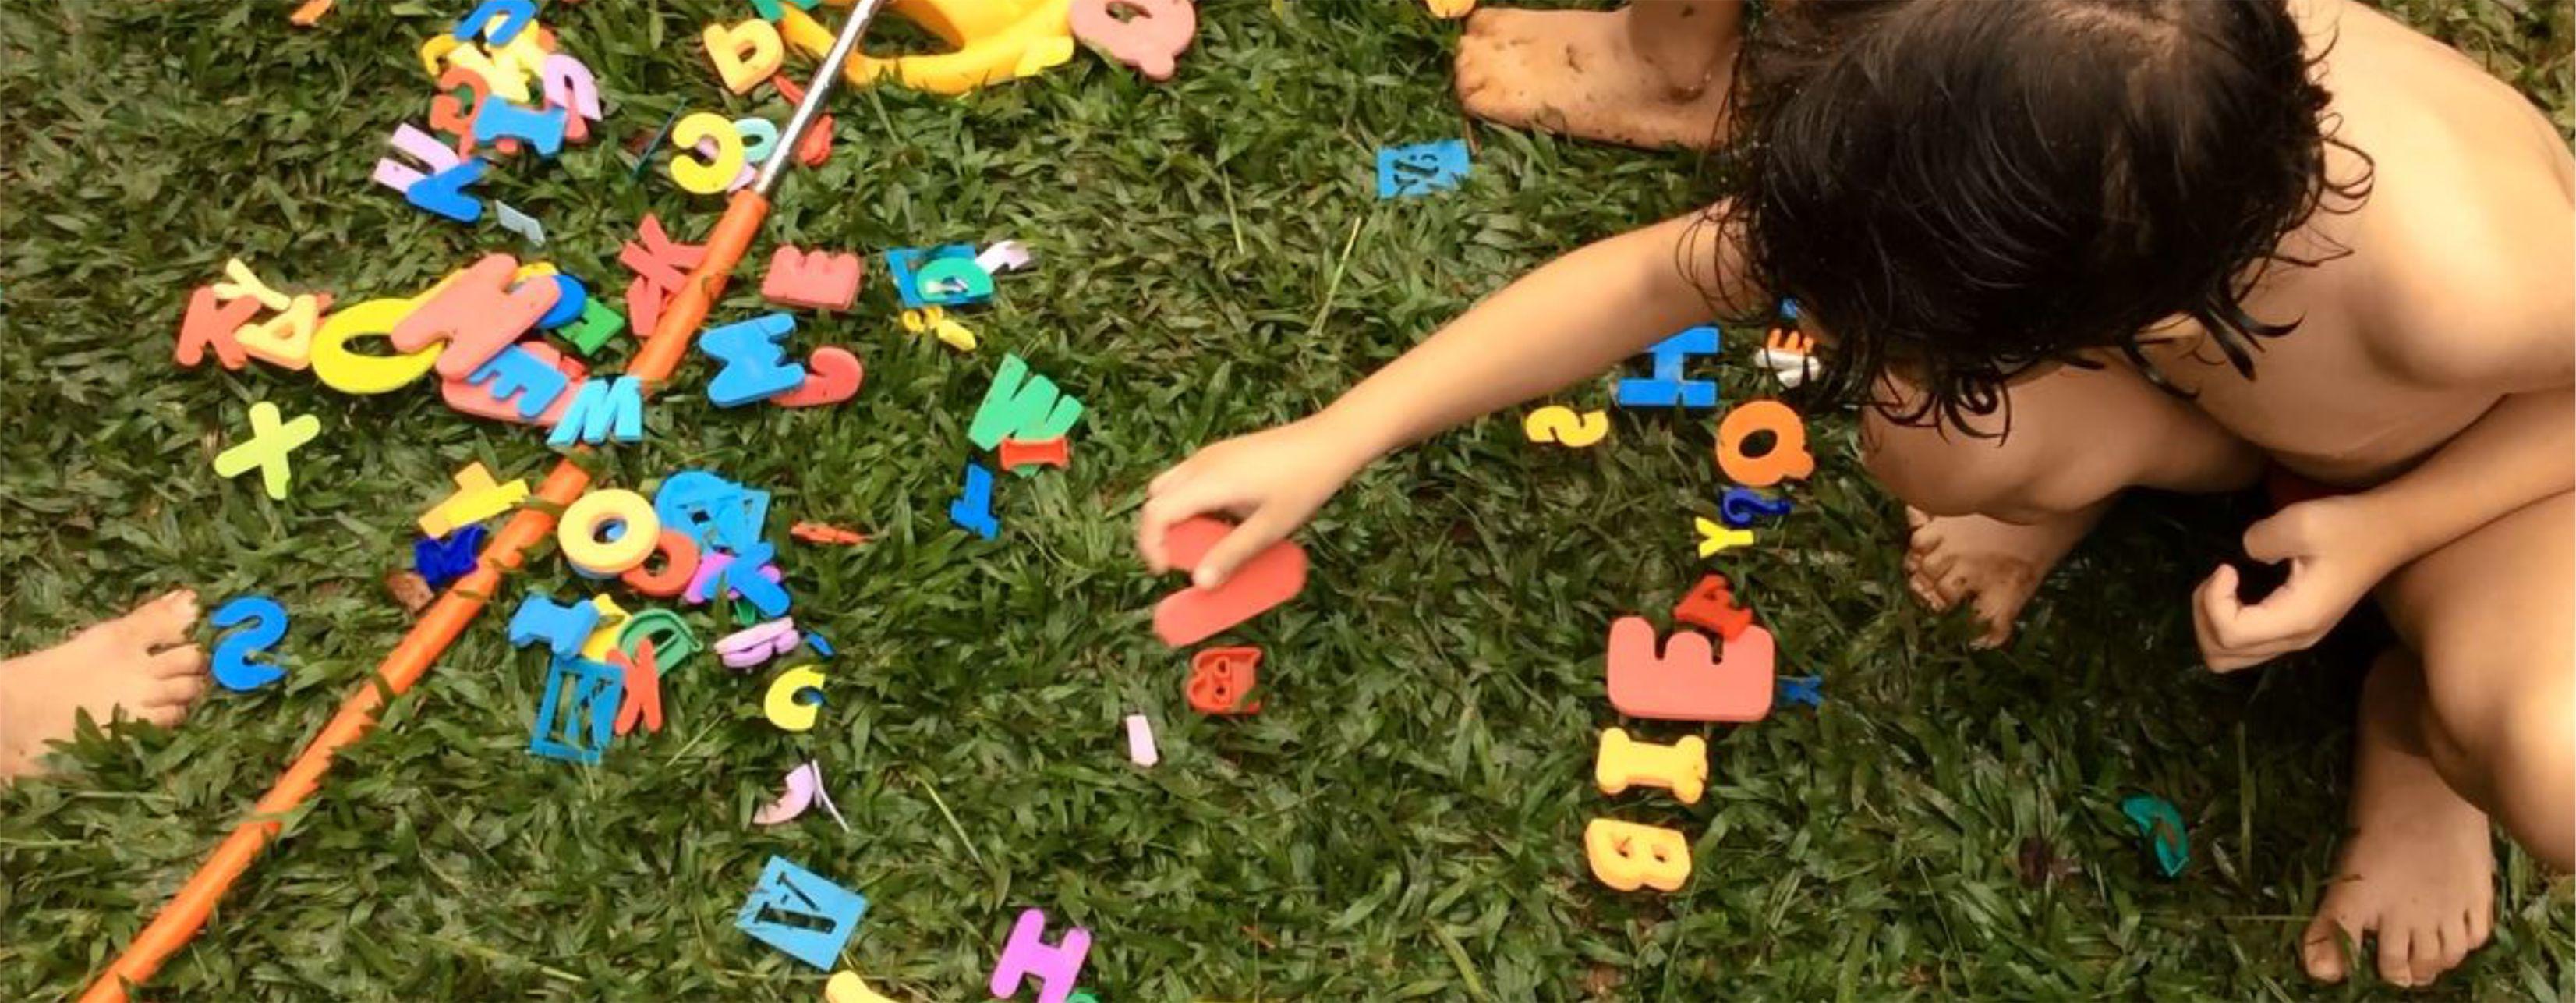 Criança forma palavra no gramado Certus